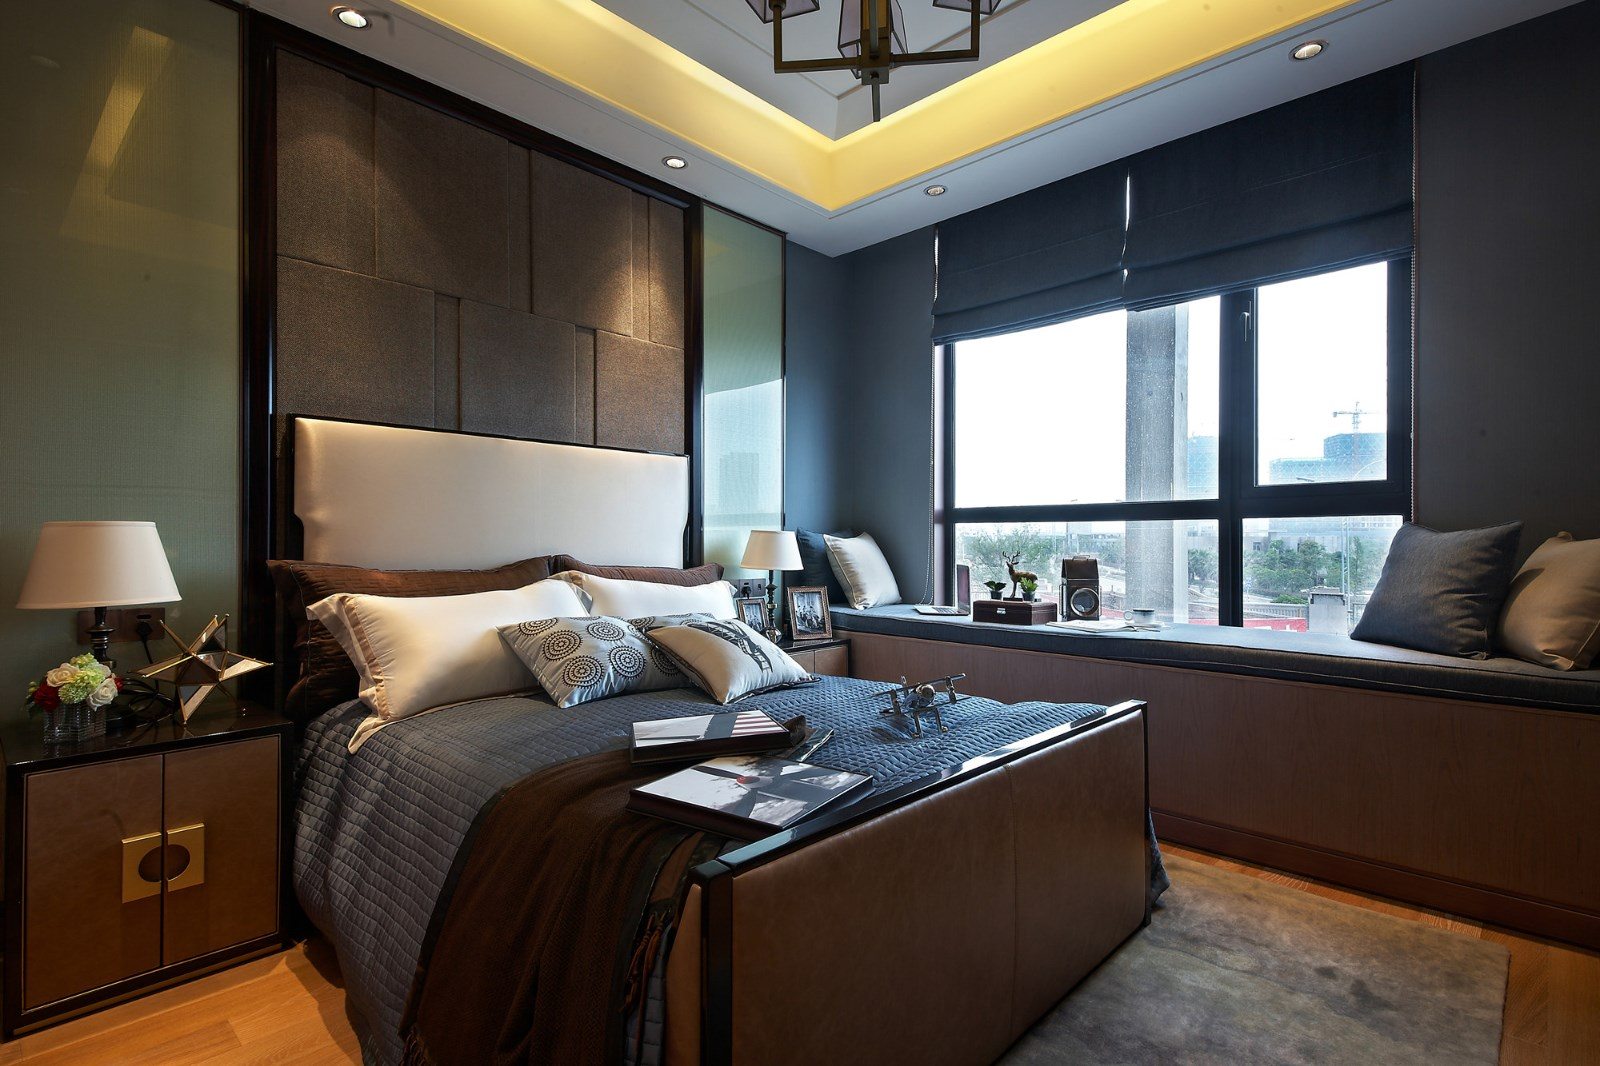 卧室整体设计营造更加轻松、舒适的卧室空间。